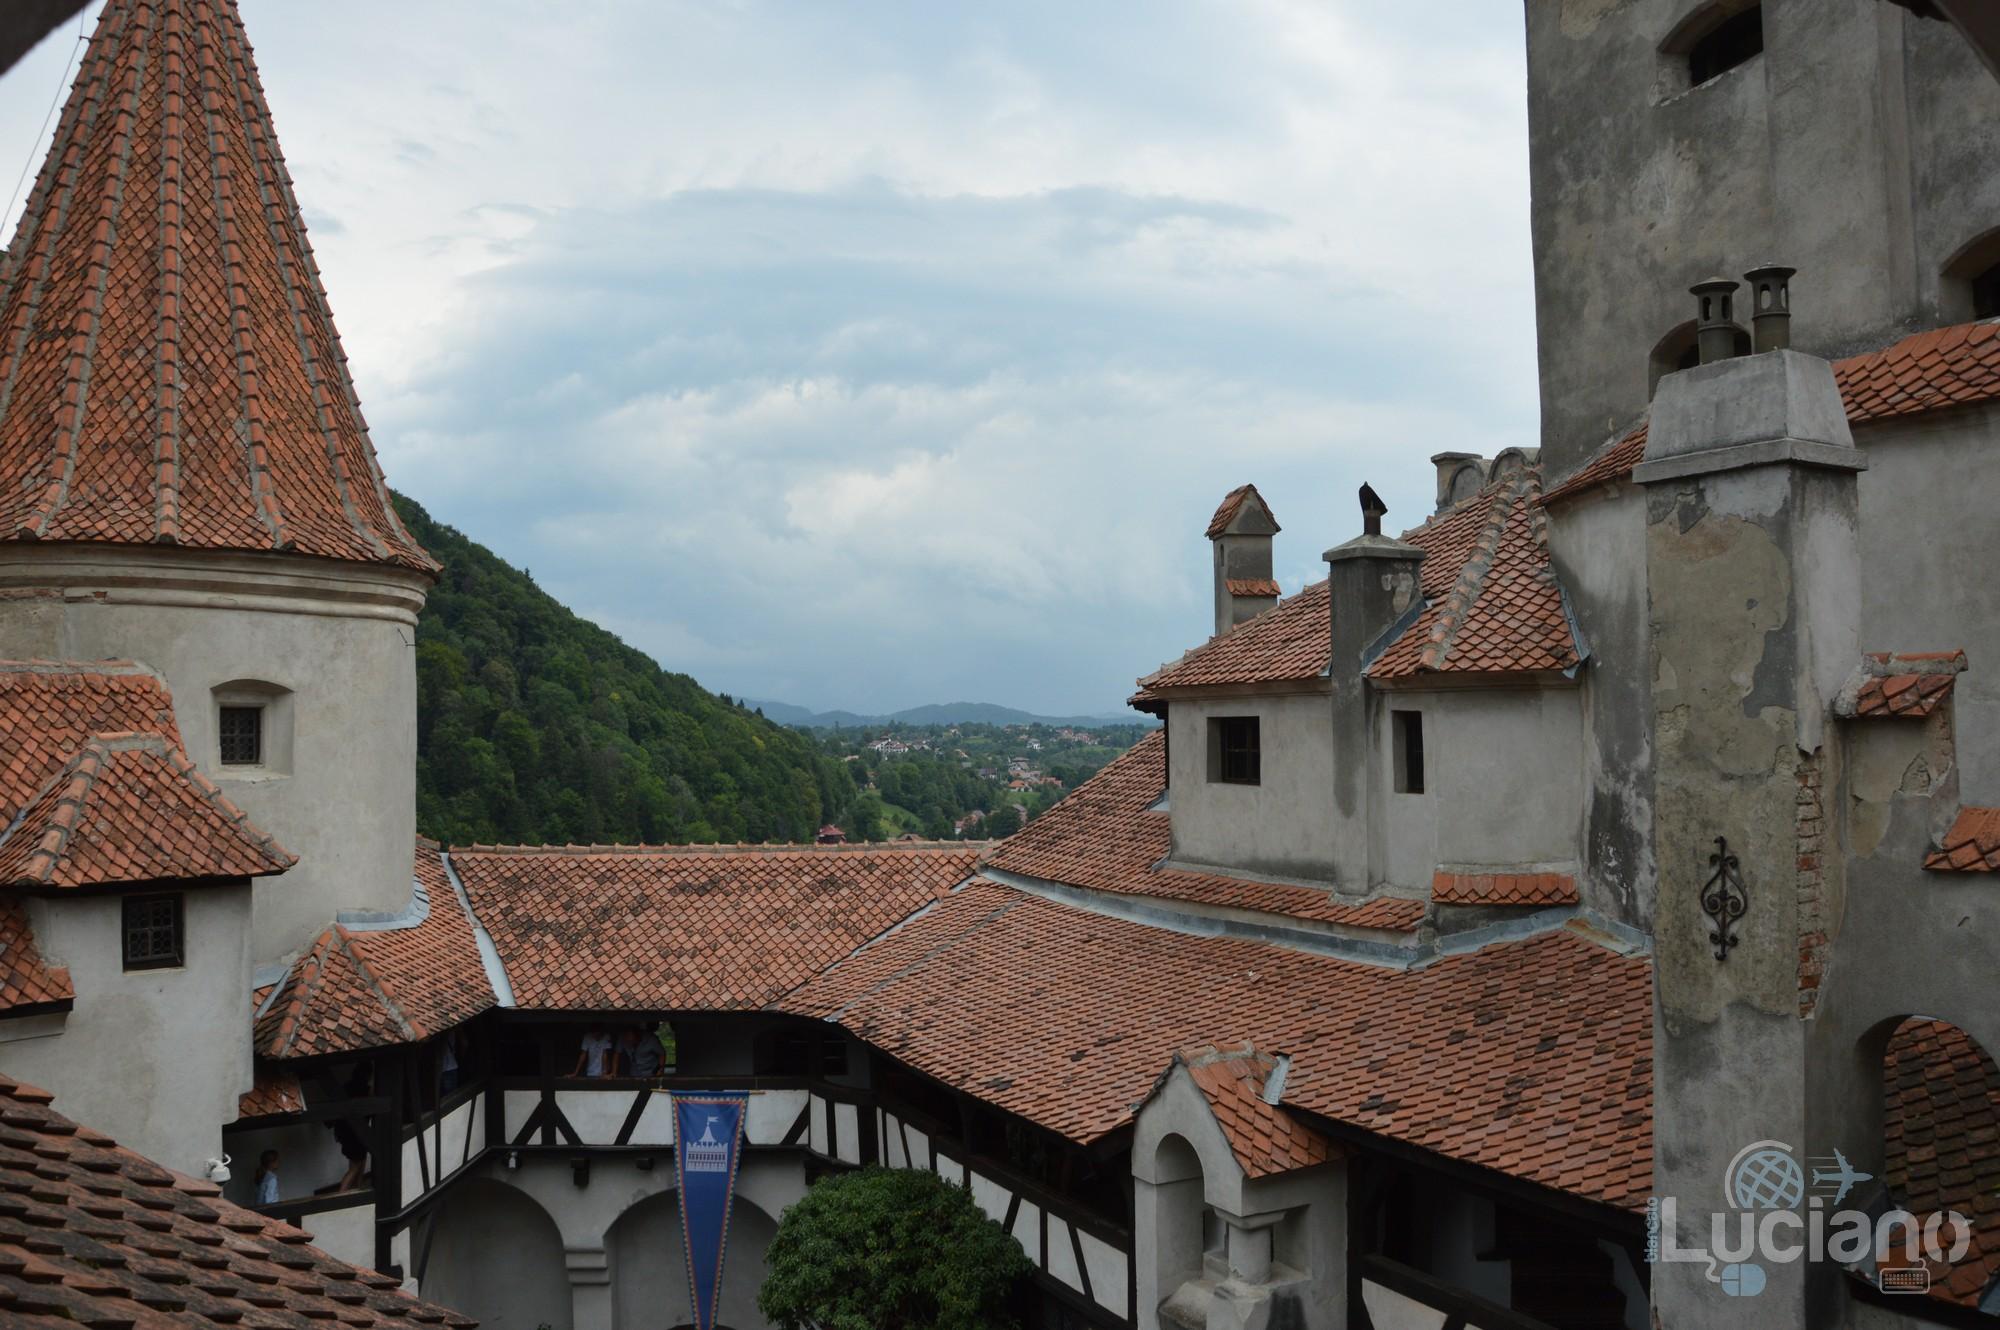 castello-di-dracula-castello-di-bran-luciano-blancato (64)